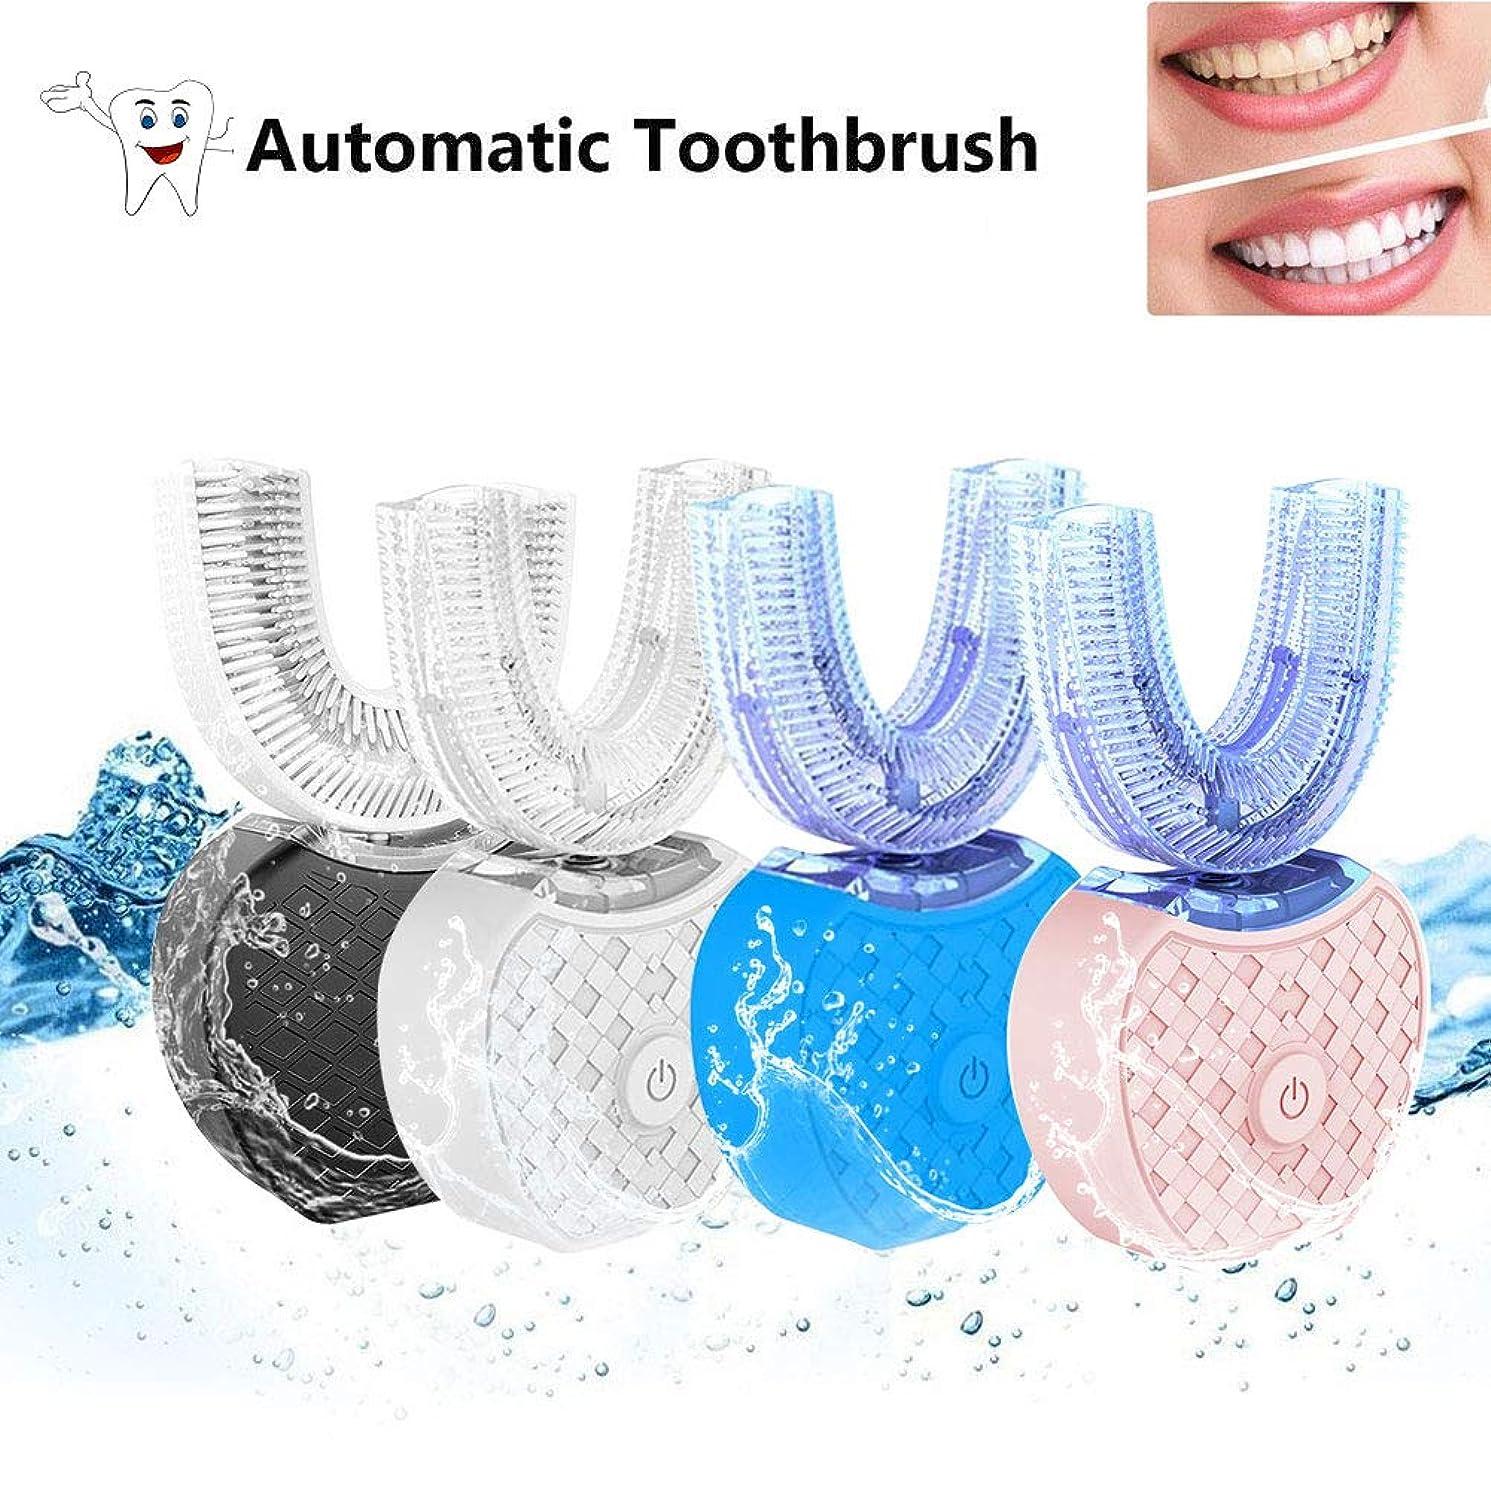 気がついて専門知識過激派Frifer新しい電動歯ブラシ、V-white 超音波自動歯ブラシ360°包囲清掃歯、より深い清掃(ピンク)